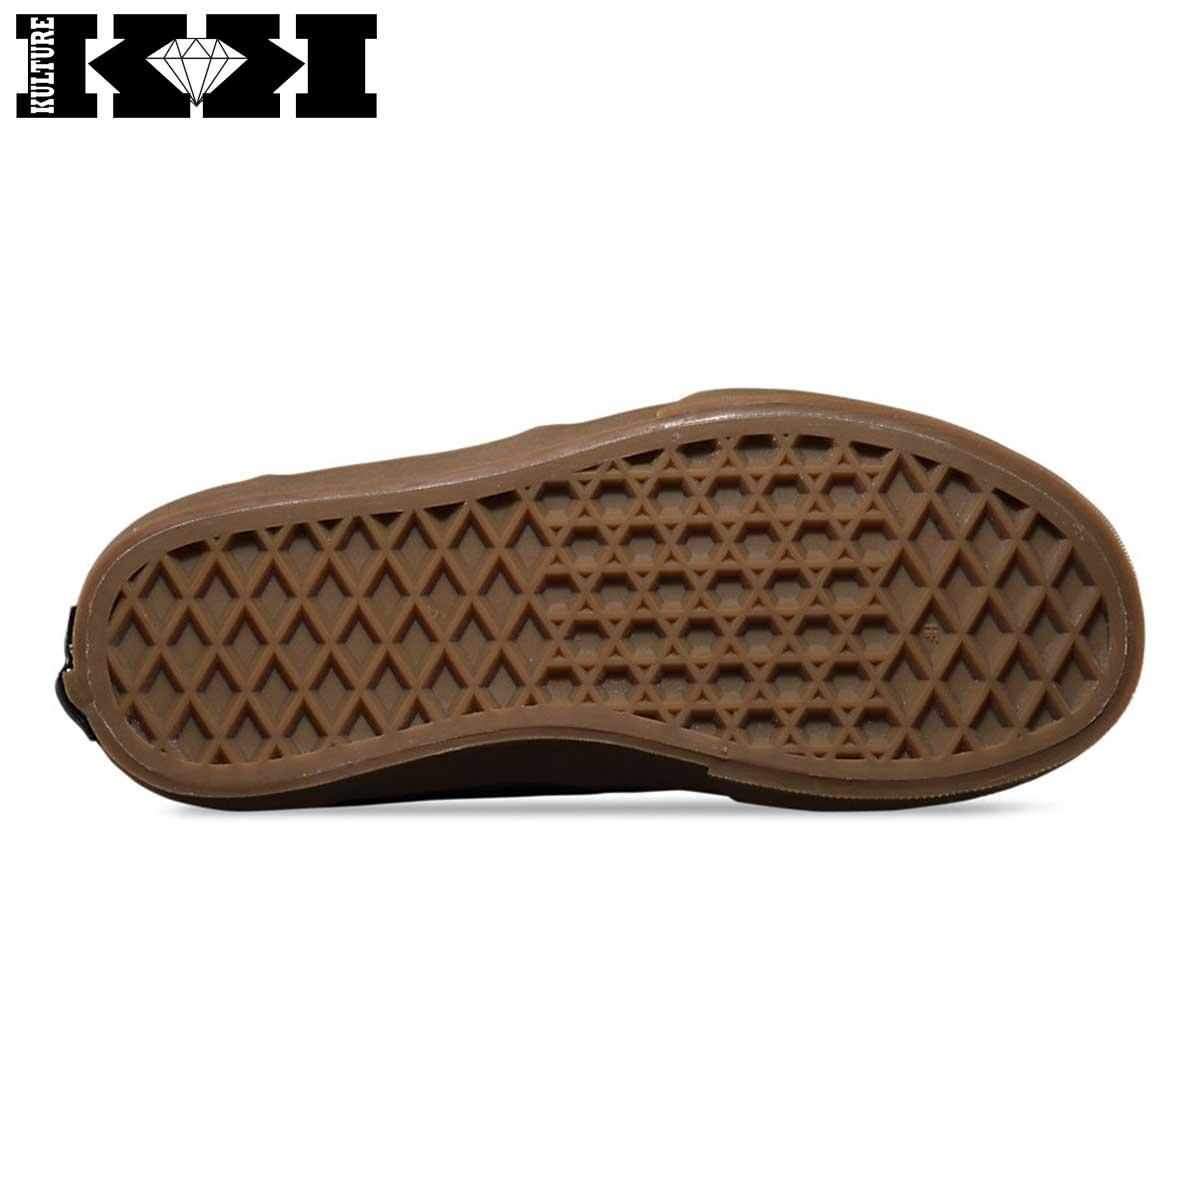 zapatillas skate vans niño